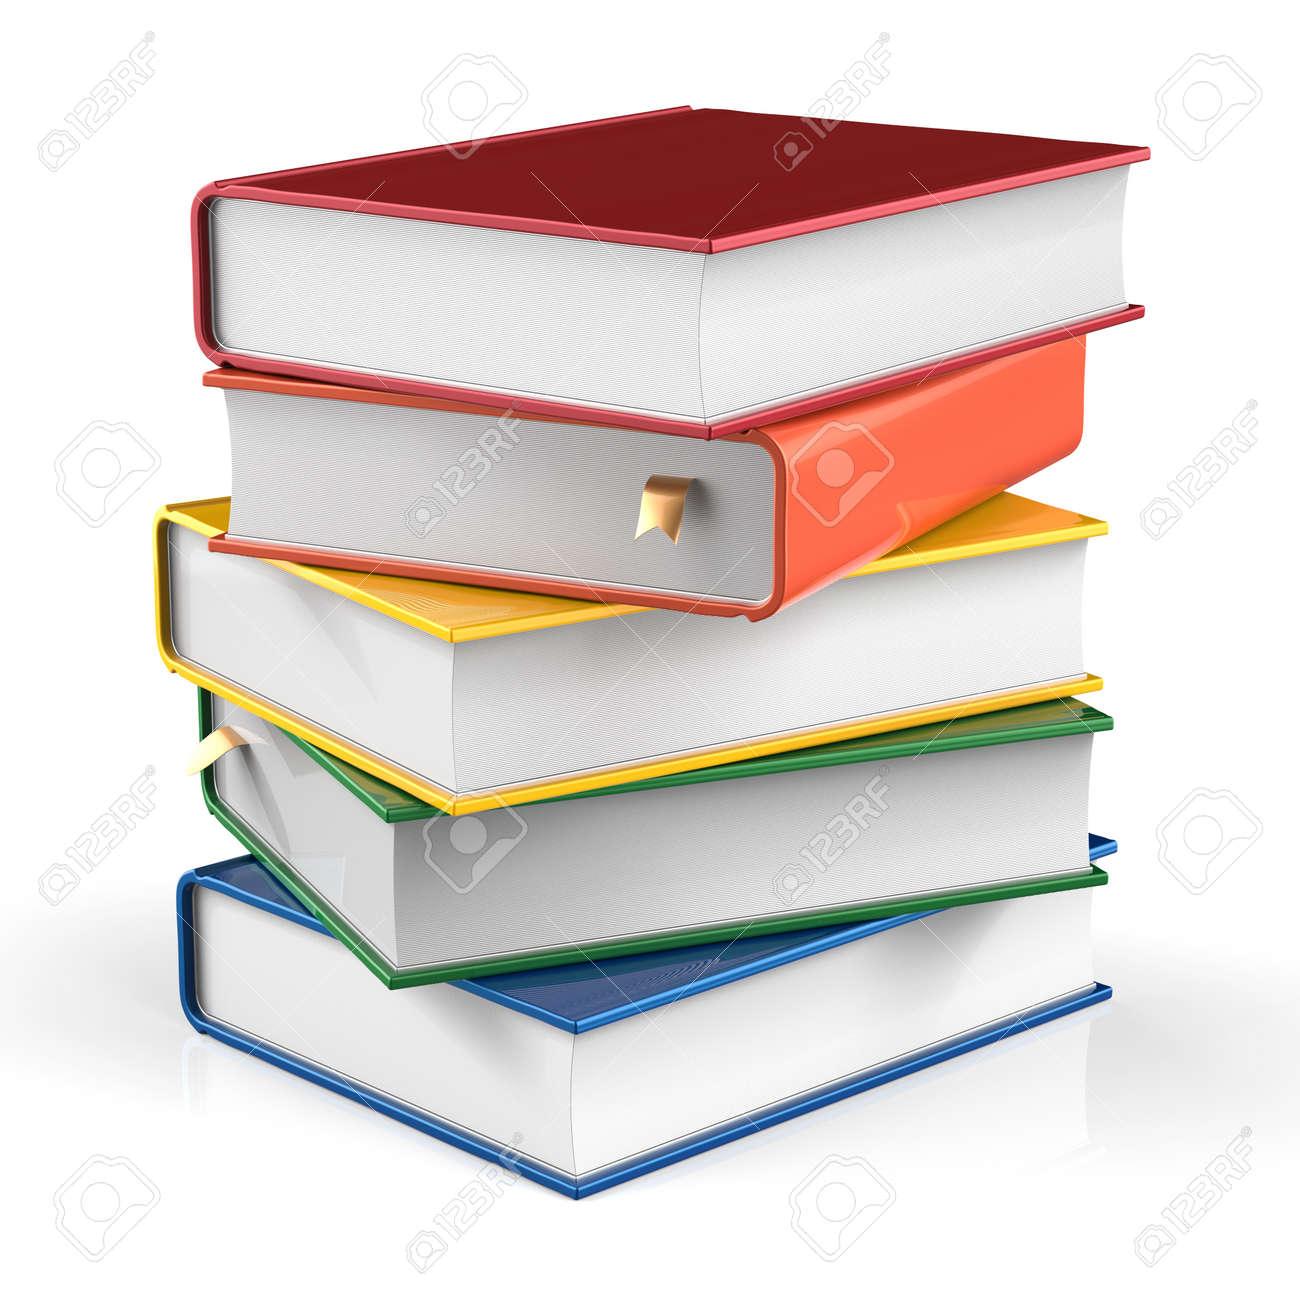 Bücherstapel zeichnung  Bücher Stapel Von Buch Deckt Bunte Lehrbuch Lesezeichen. Schule ...